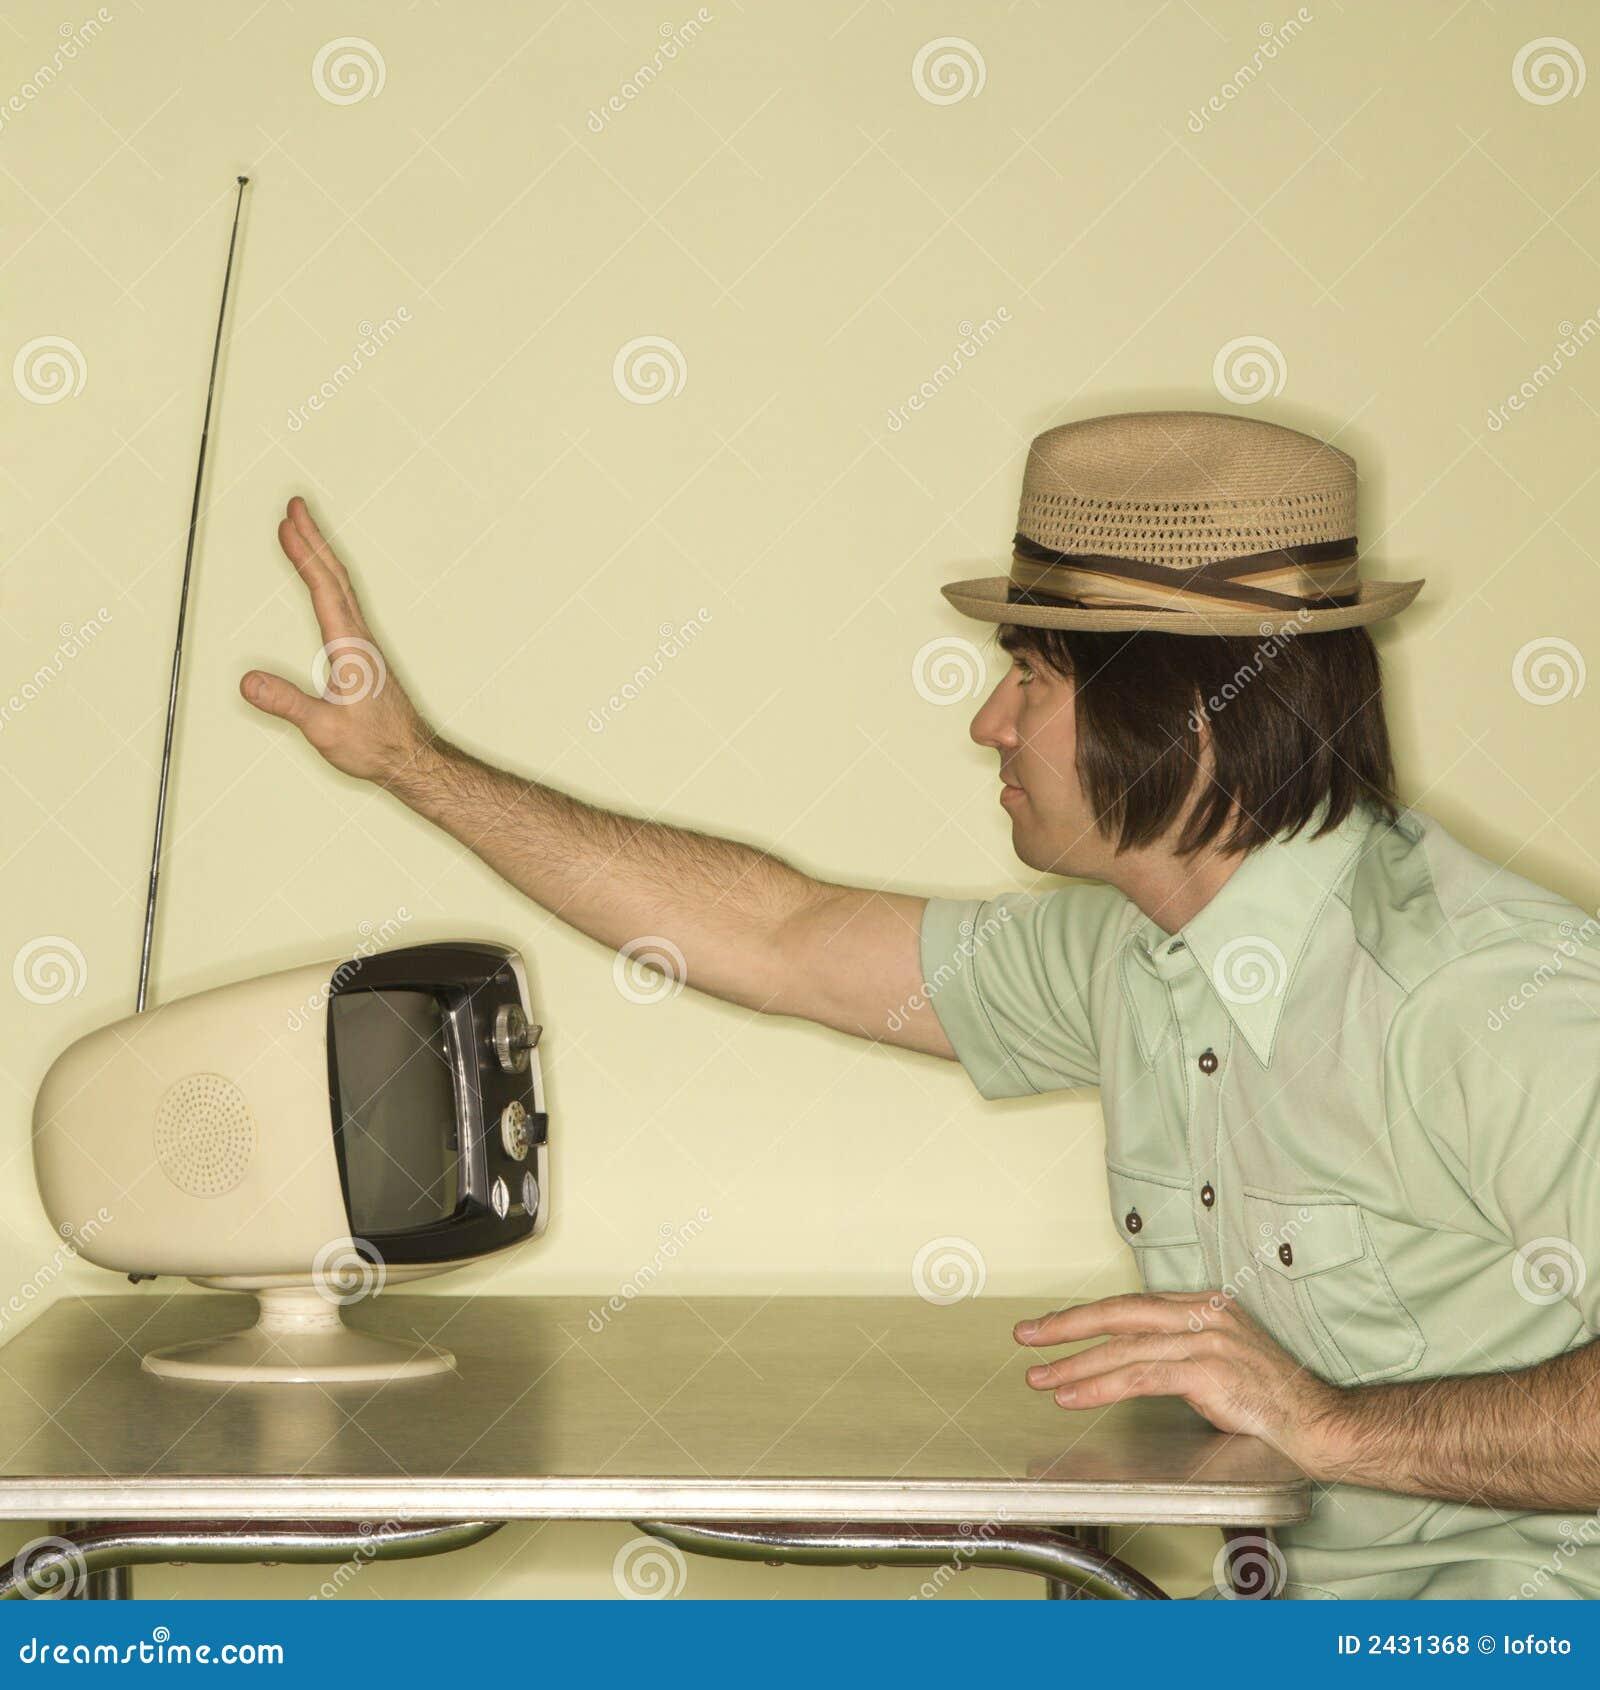 Uomo che sintonizza in televisione.